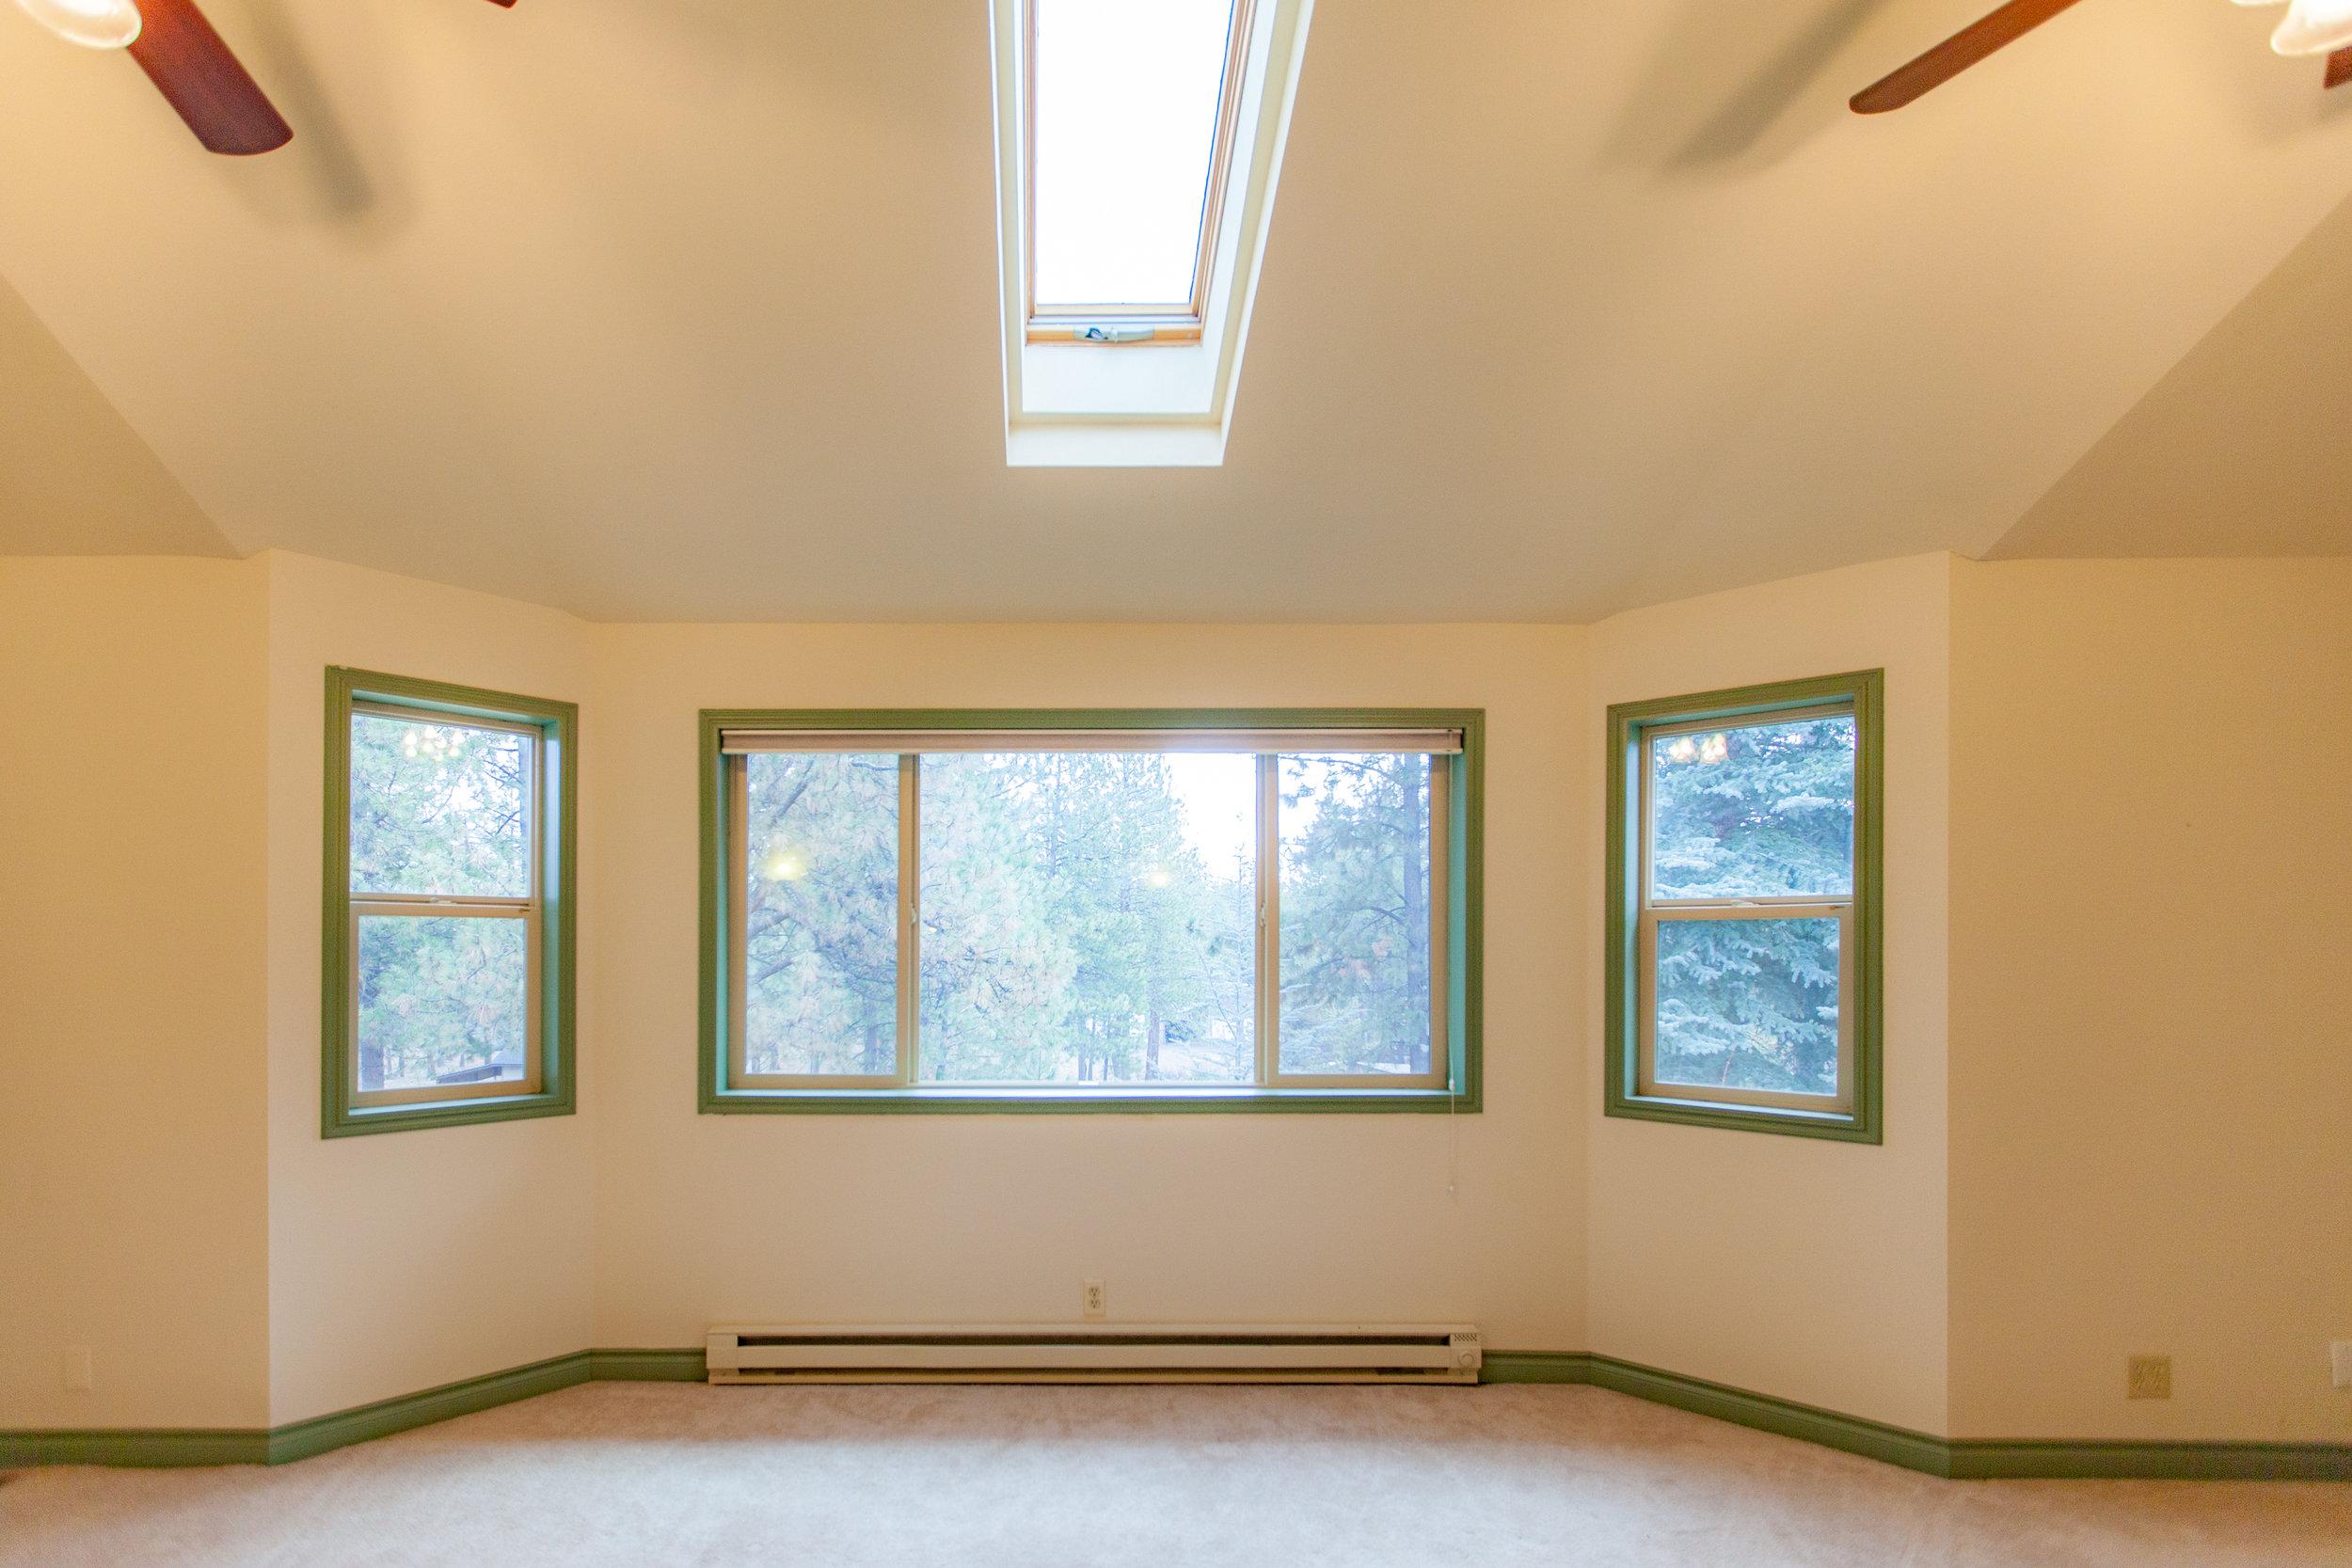 Family Room Windows.jpg